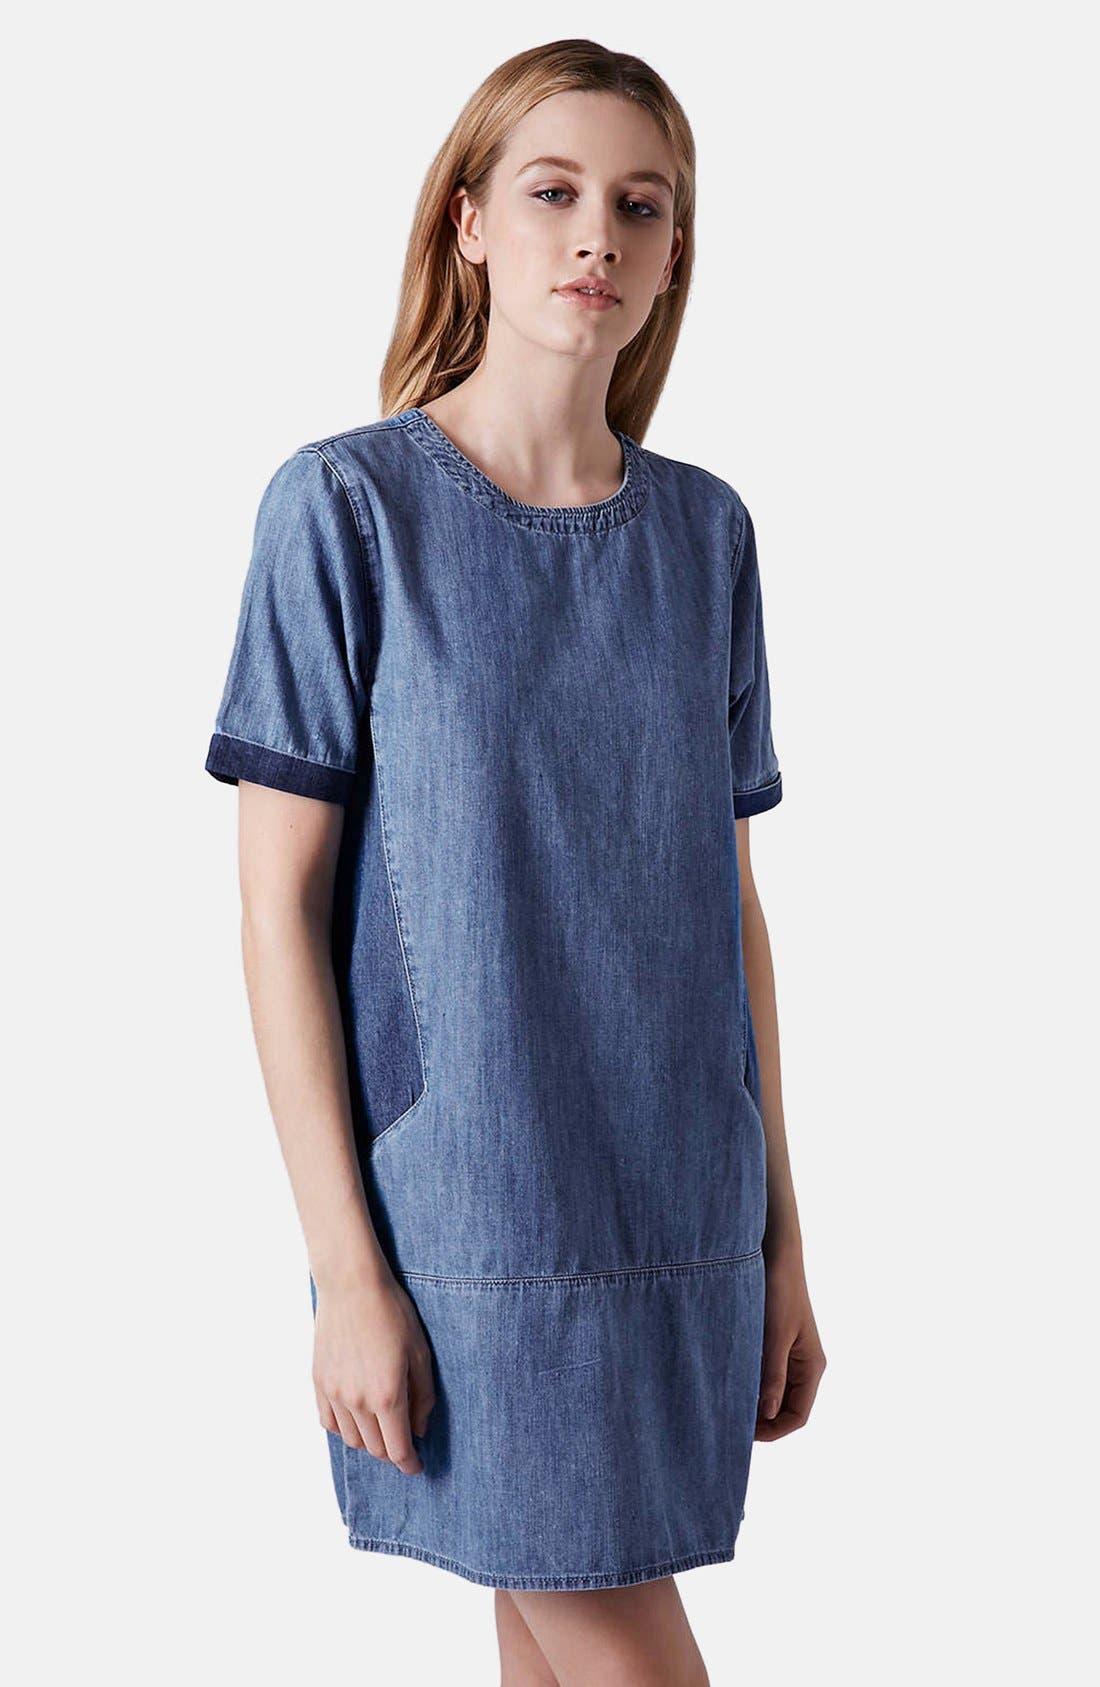 Alternate Image 1 Selected - Topshop Moto Colorblock Denim T-Shirt Dress